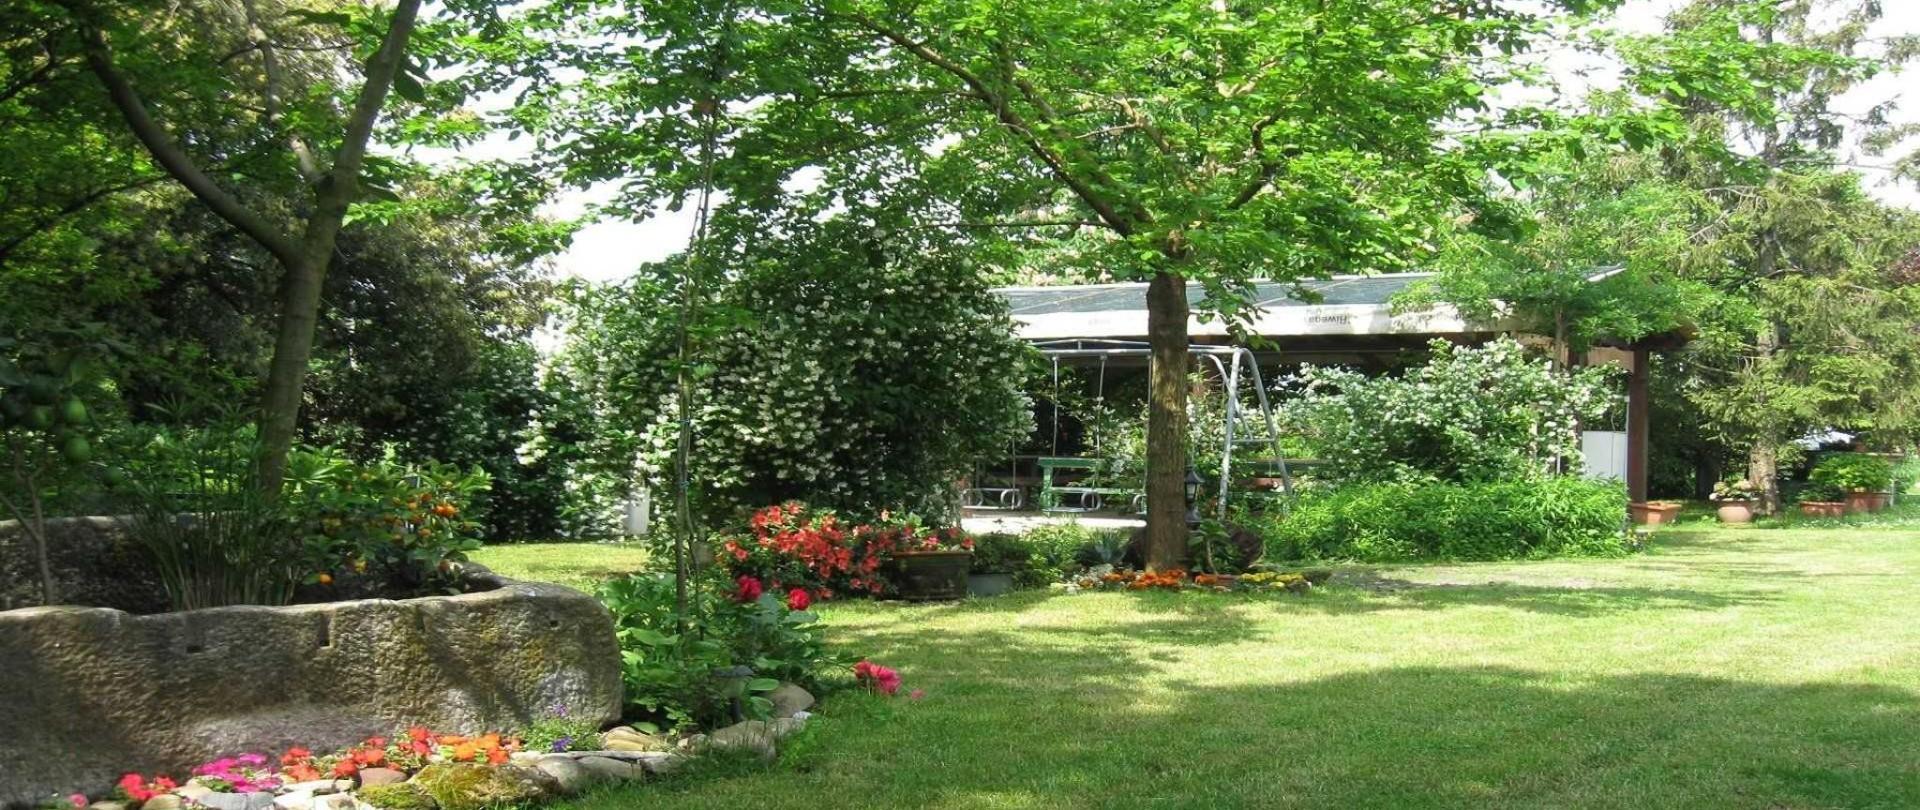 giardino-b-b-prisca-mirabilandia-2.jpg